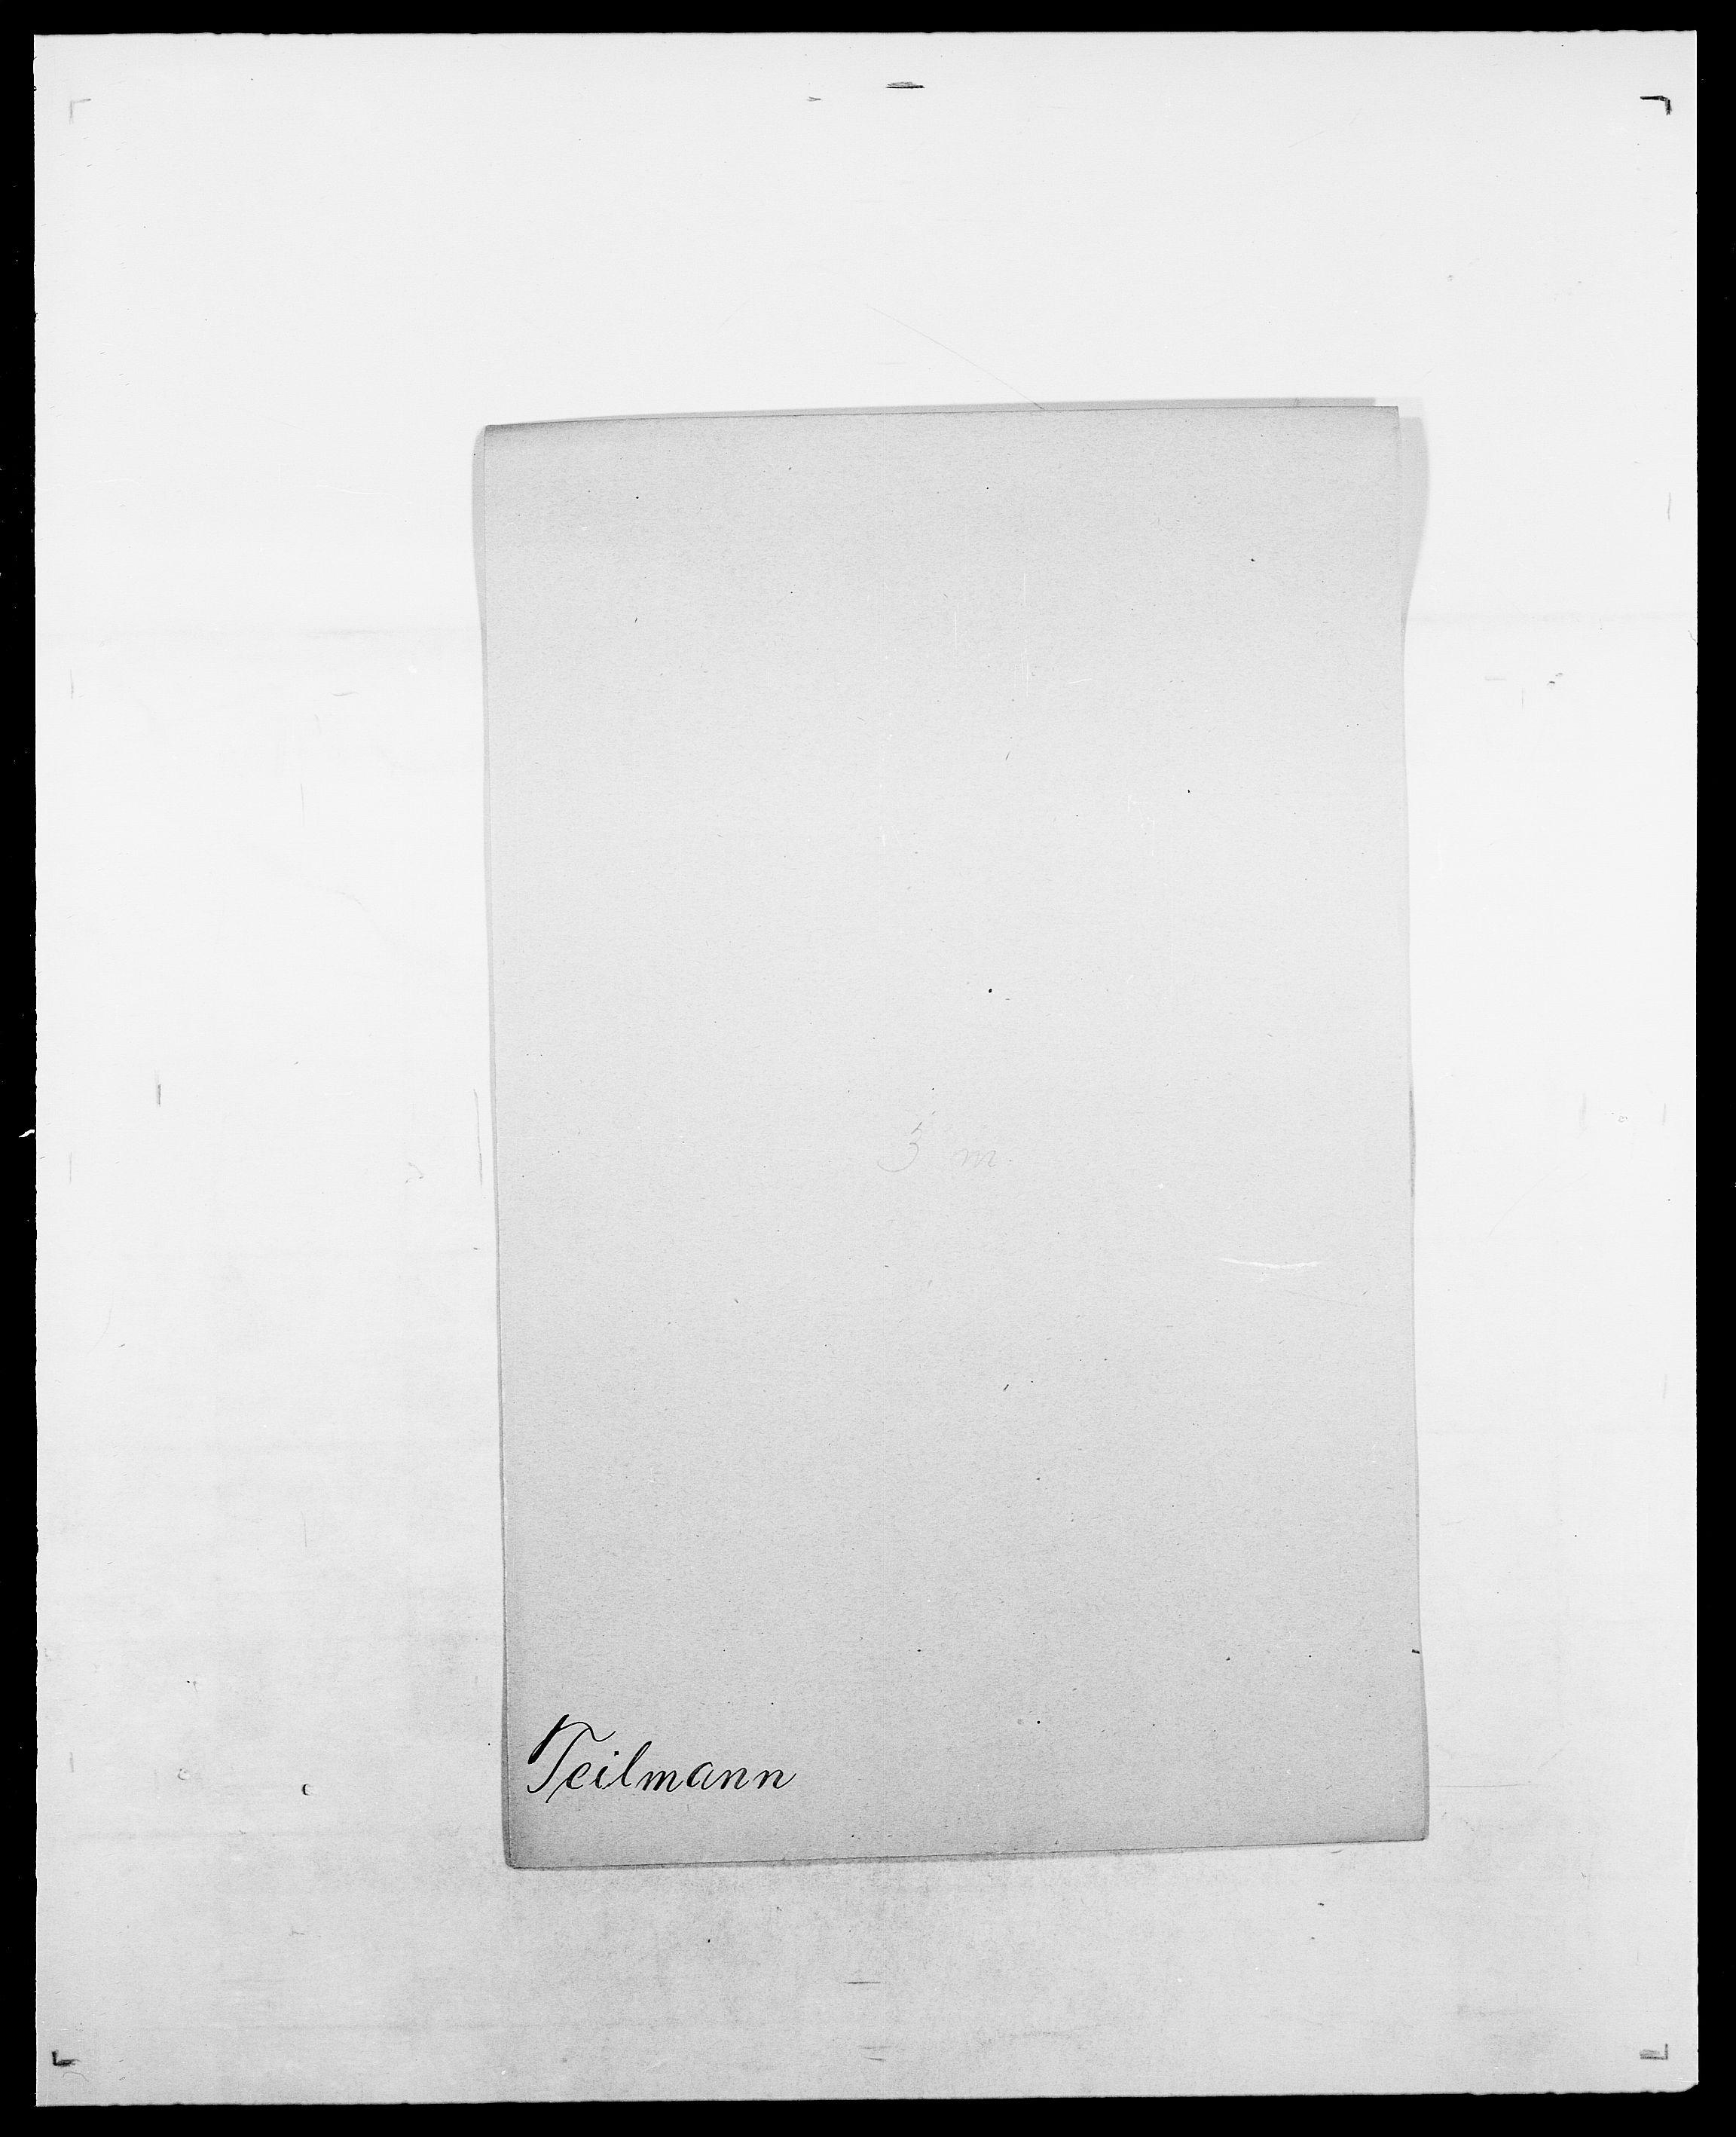 SAO, Delgobe, Charles Antoine - samling, D/Da/L0038: Svanenskjold - Thornsohn, s. 377